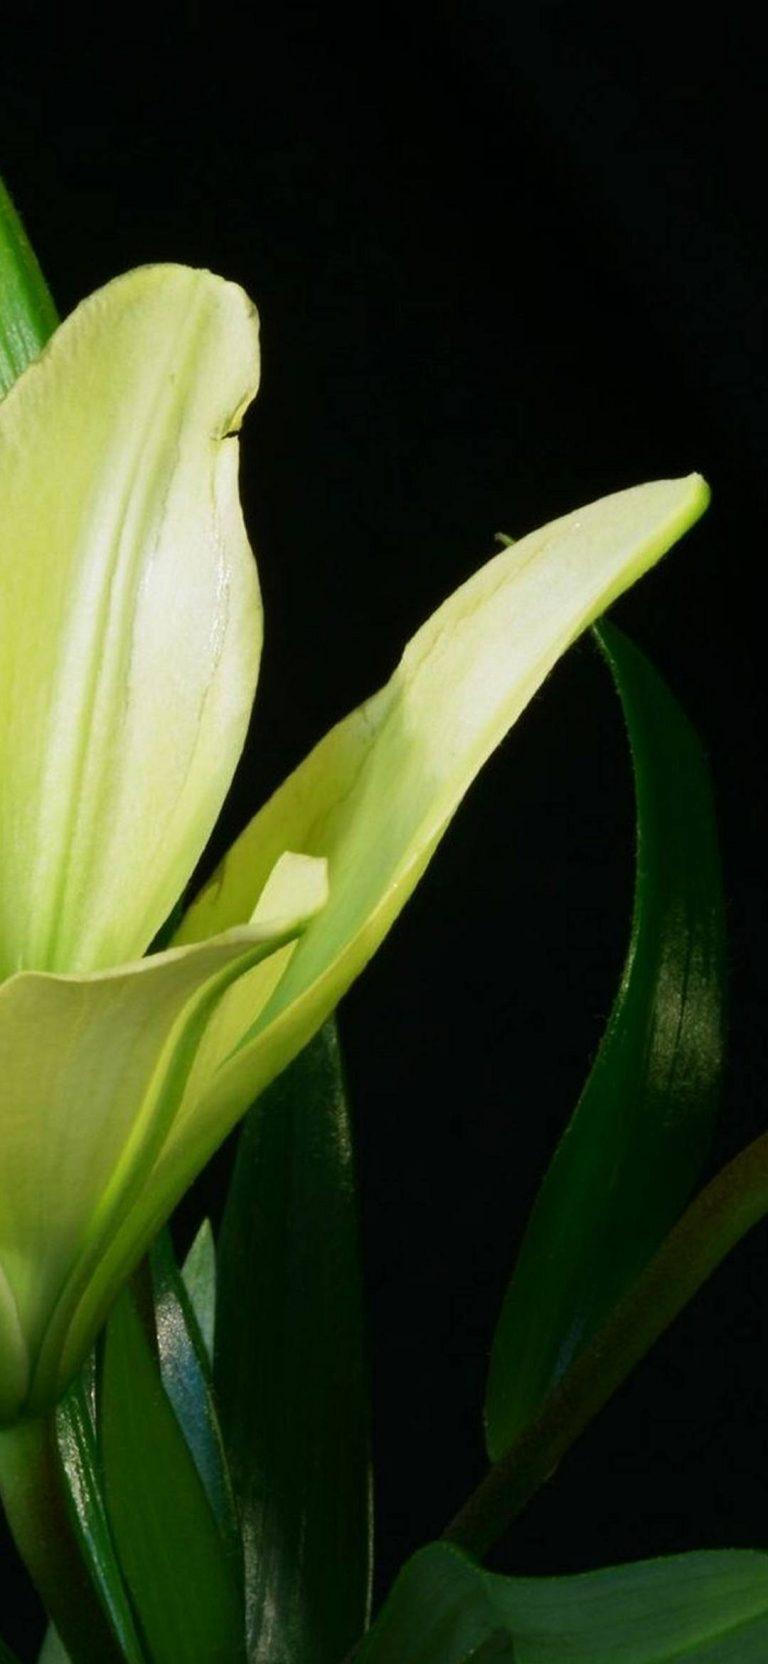 Lily Plant Flower 1080x2340 768x1664